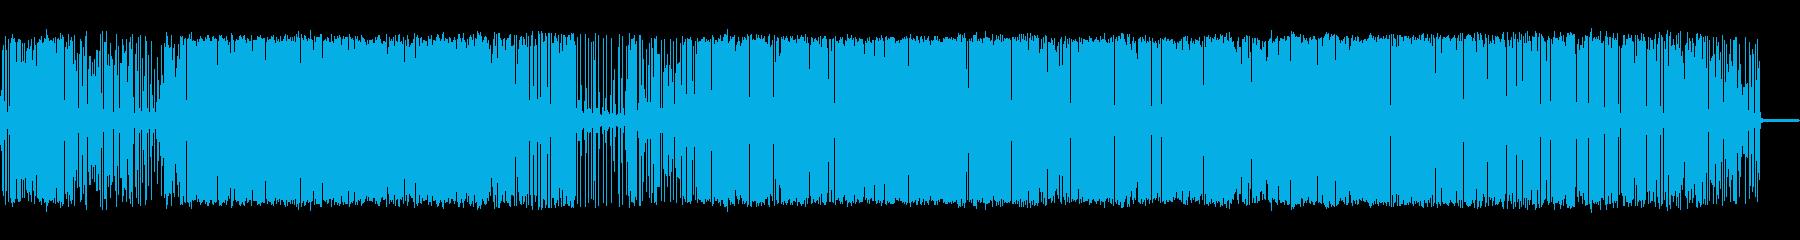 電気的静的の再生済みの波形